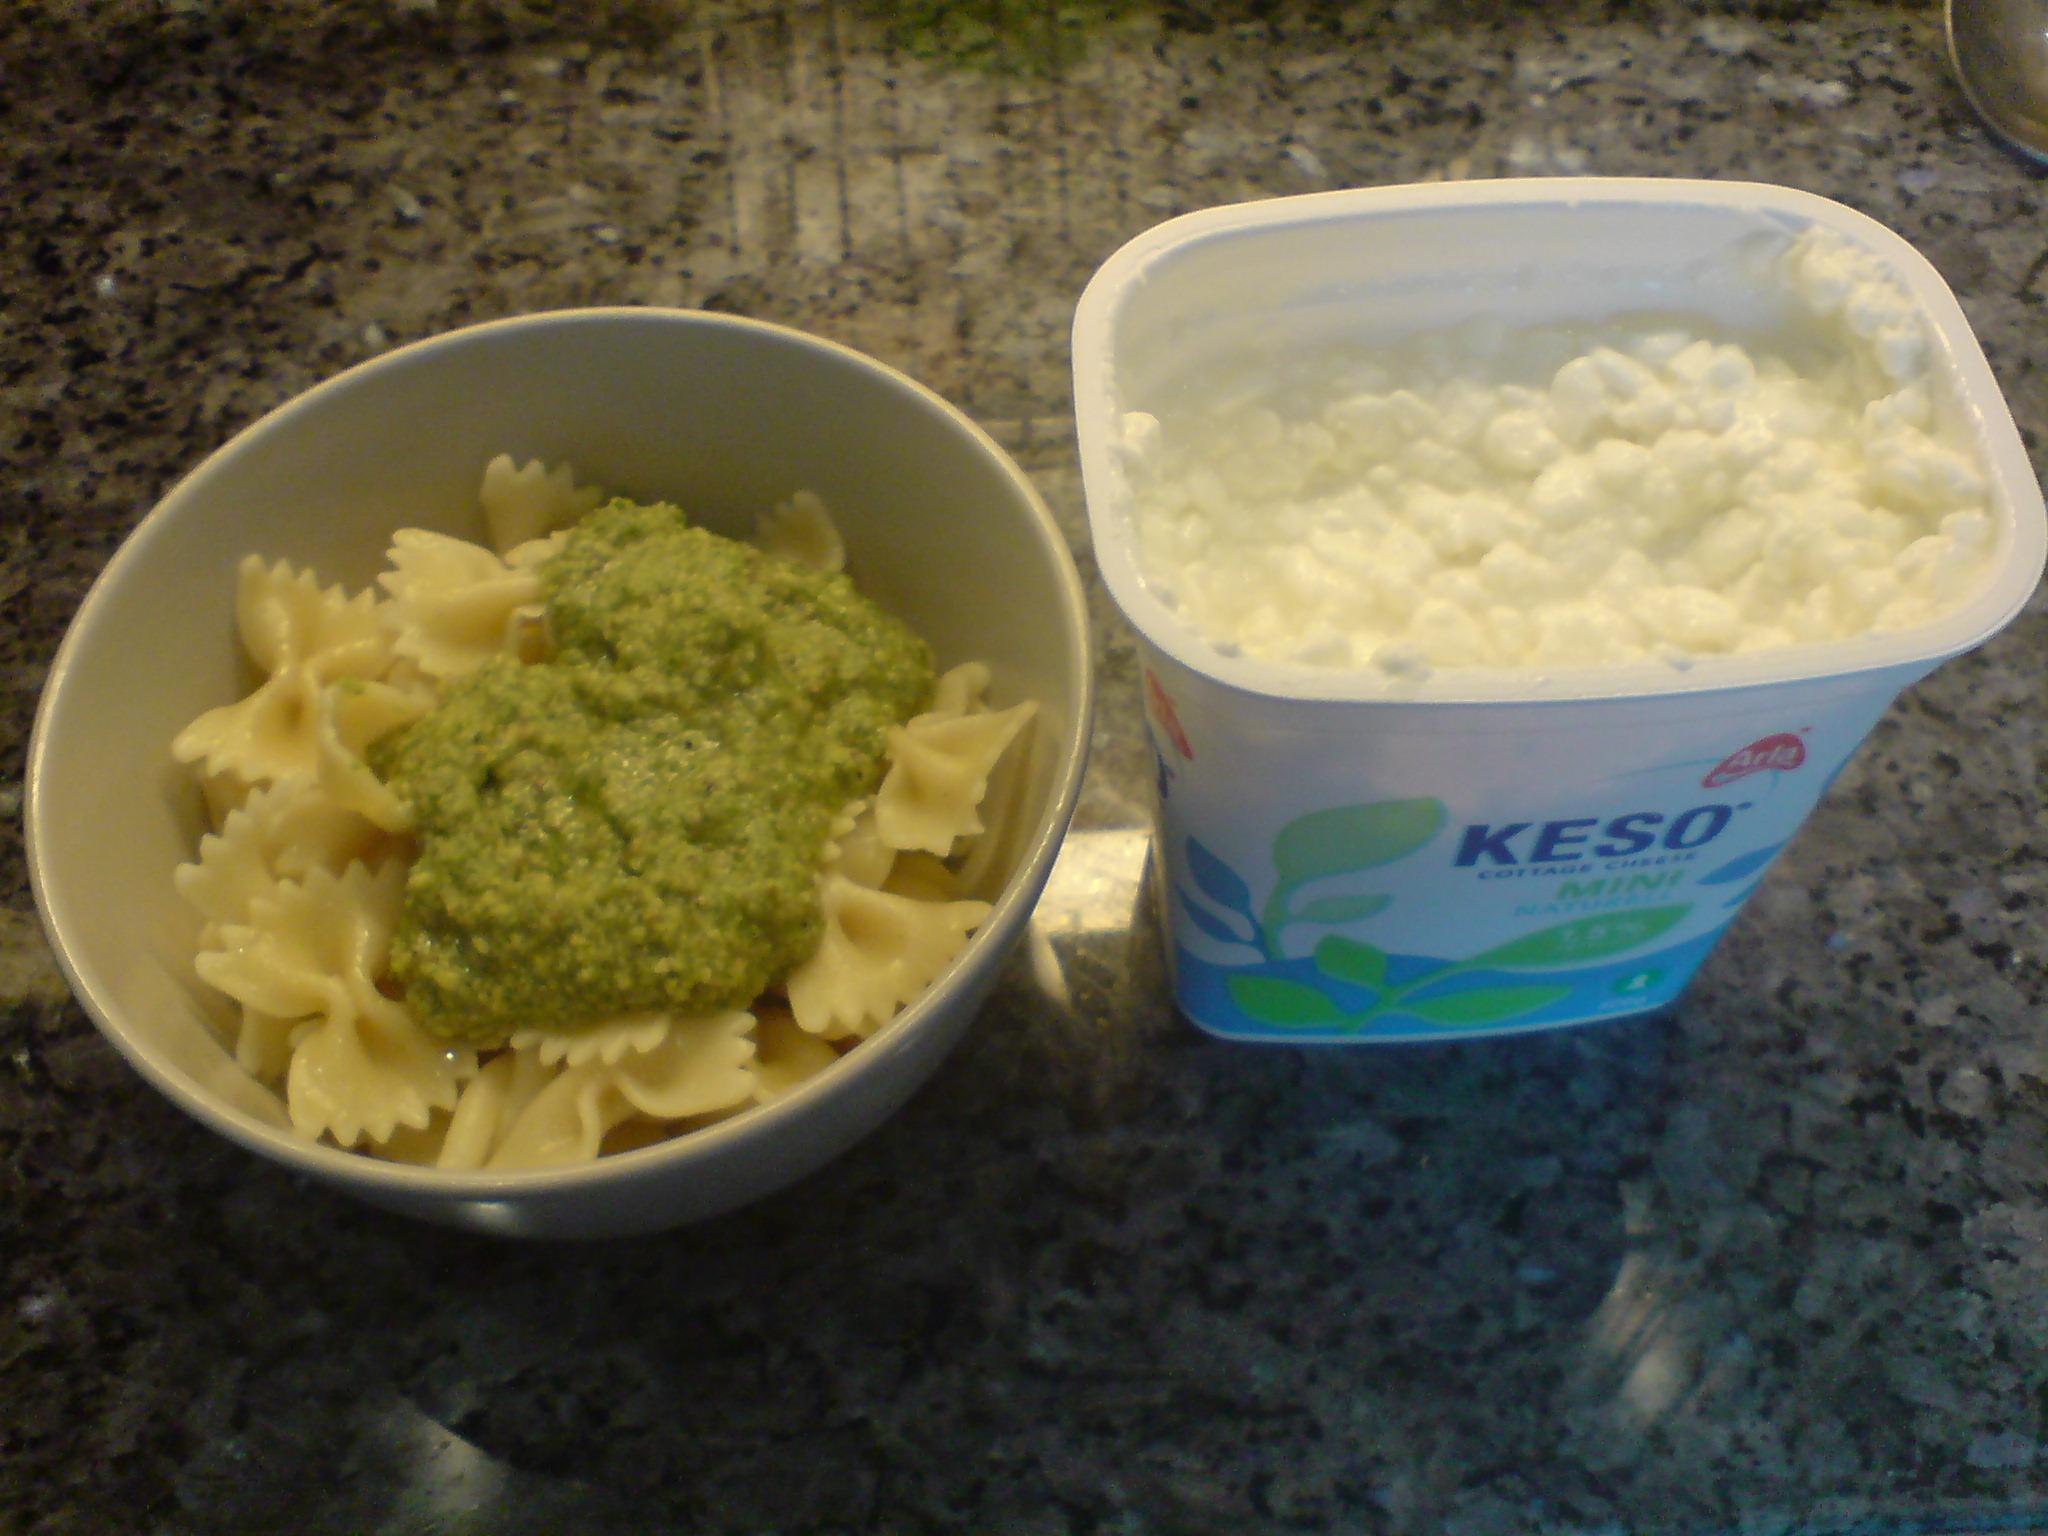 Pasta med pesto och keso